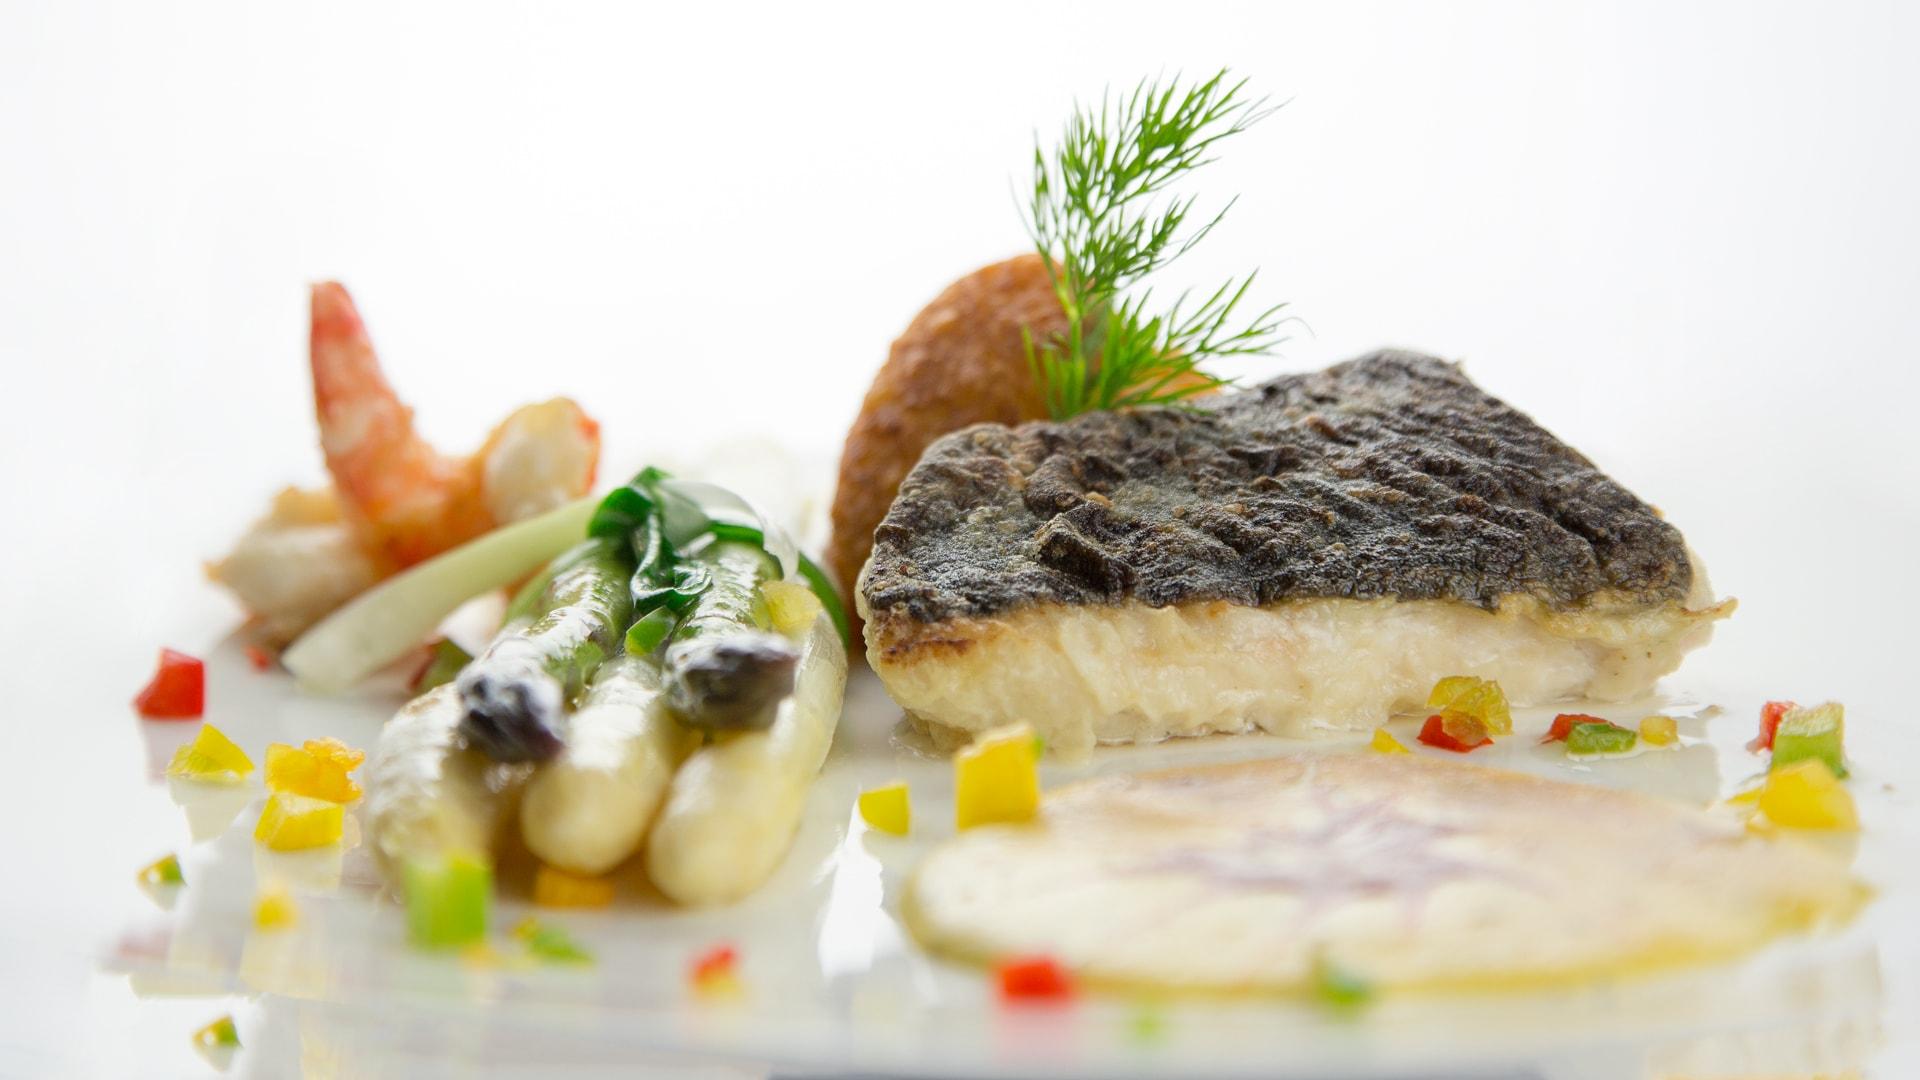 11 Michels_Hotels_Thalassohotel_Nordseehaus_Restaurant_Tide_Menue_Gericht_mit_Fisch